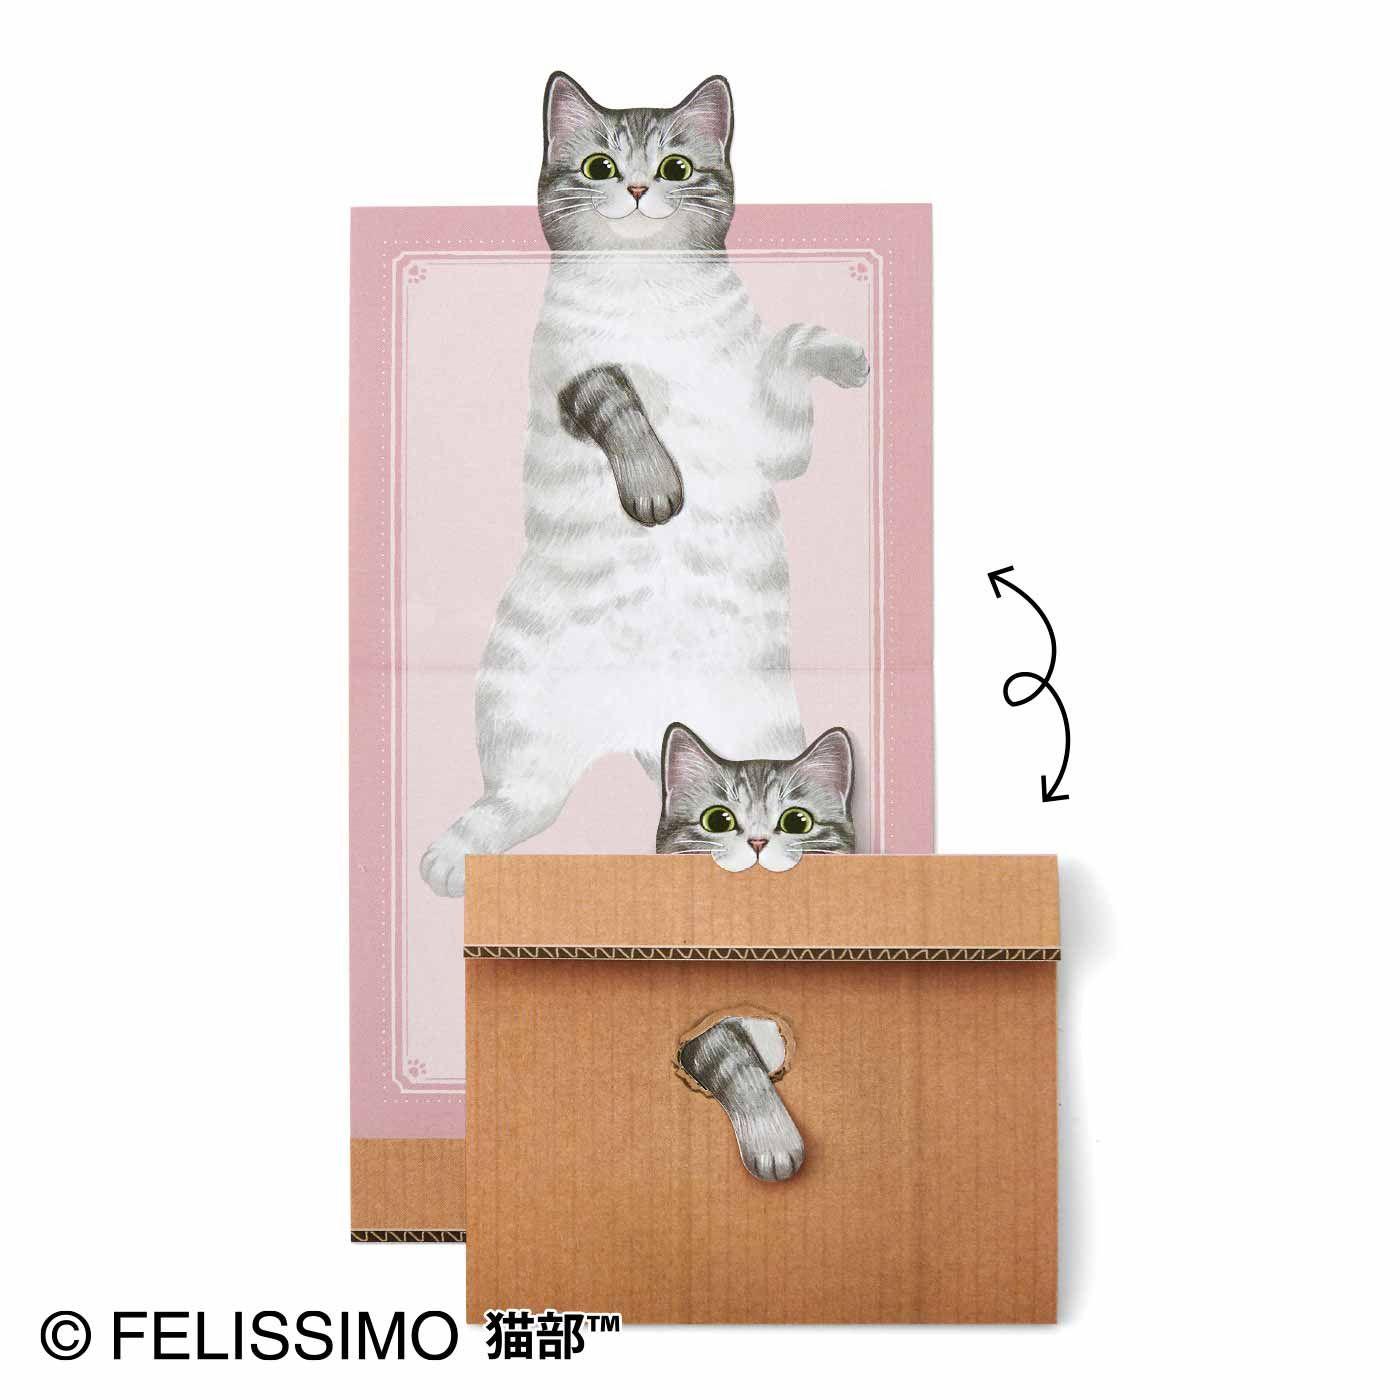 遊んでいただけるんですか 猫のメッセージメモの会 箱から前足を出して 猫さんがこちらを見て 遊ぼ と誘ってくれている という 猫好きなら心が踊るあのシーンを再現したメモです はむっと箱をくわえてメモを閉じる ひげ袋のふくらみもたまりません